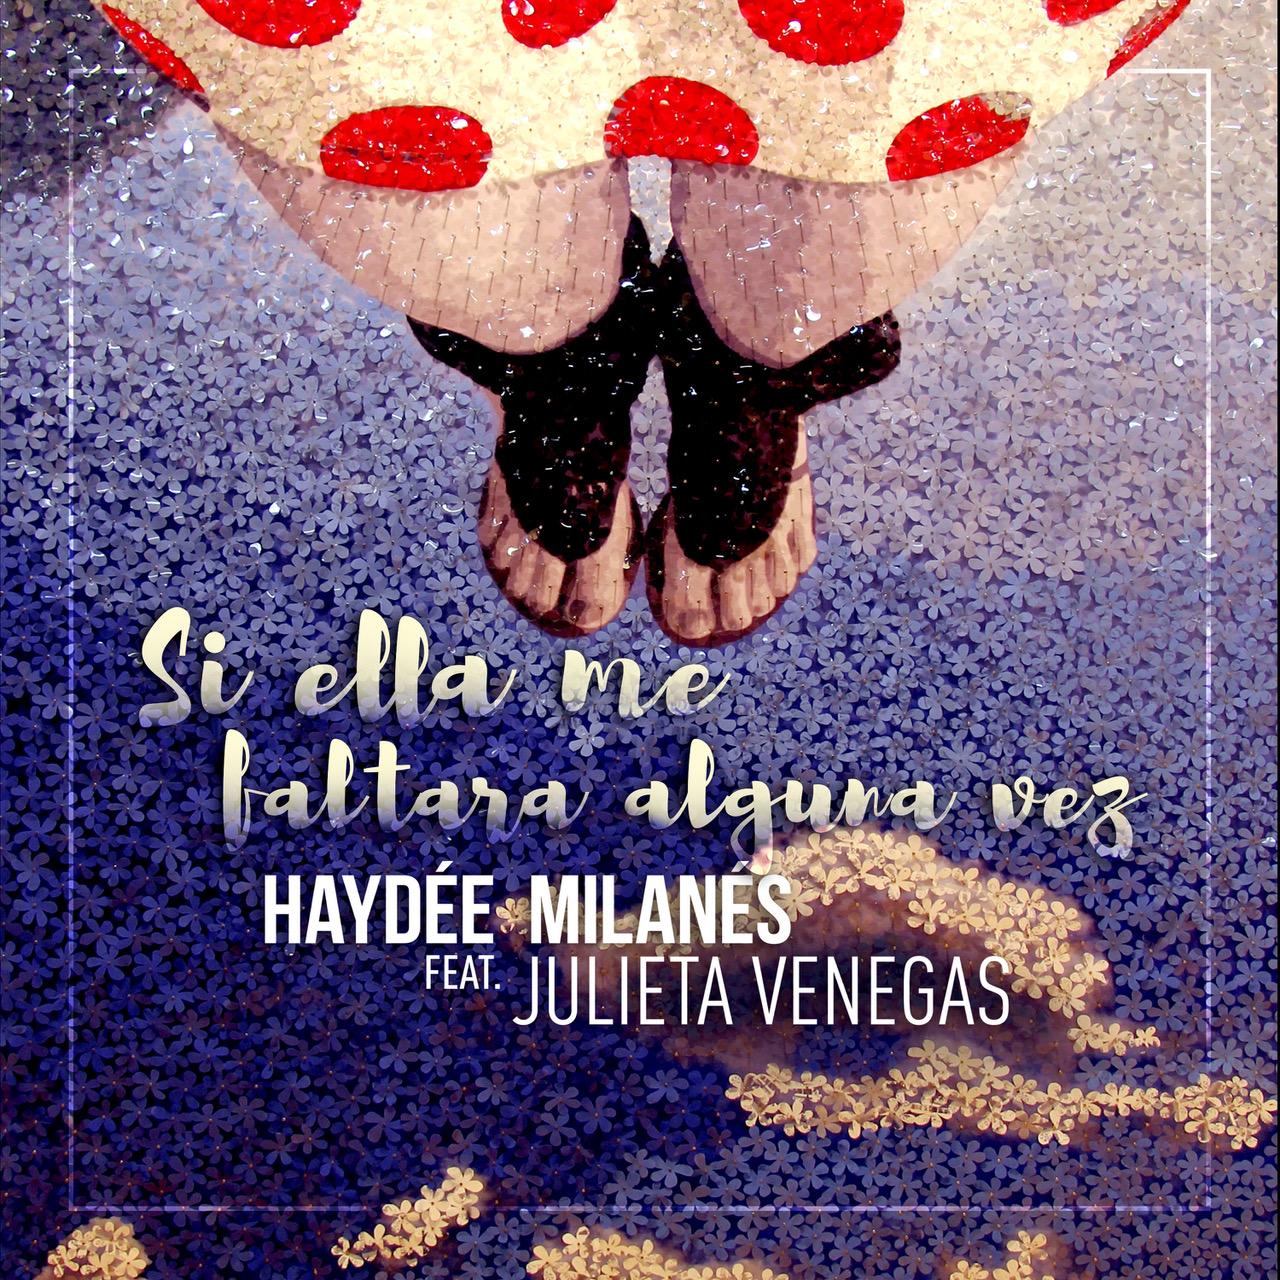 Si ella me faltara alguna vez-Hayde_ e Milanés feat. Julieta Venegas